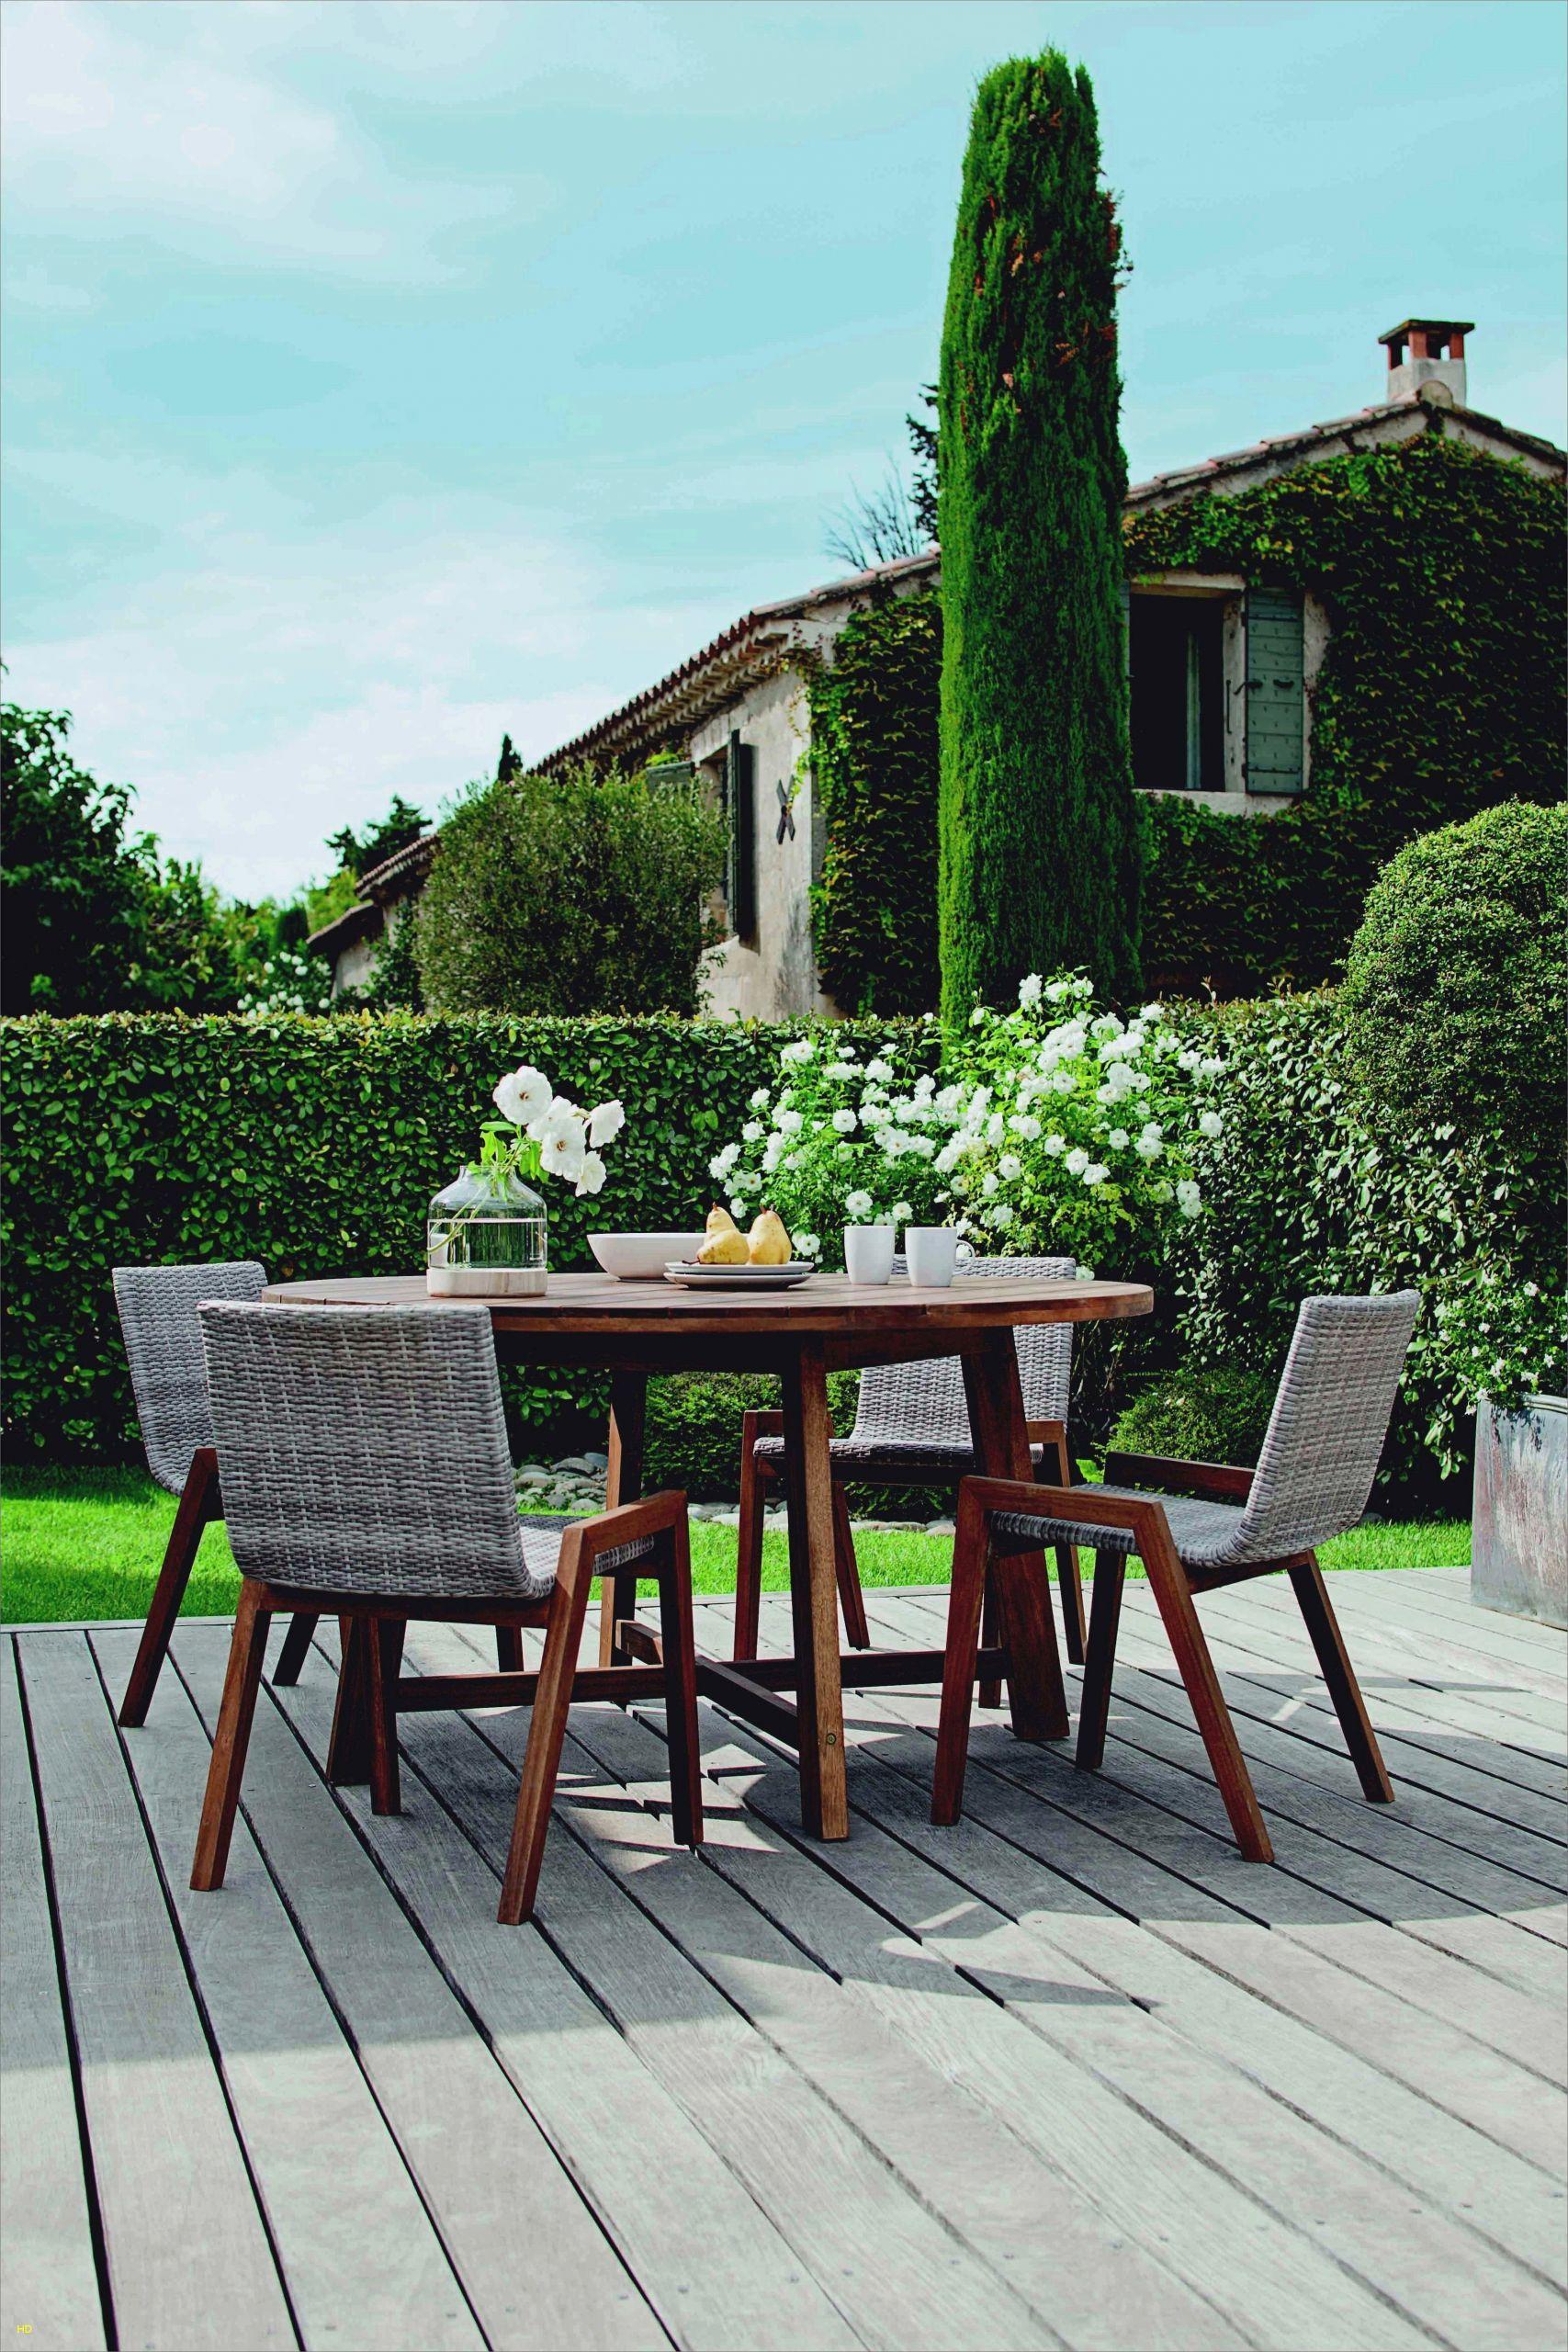 Salon De Jardin Leclerc Catalogue 2017 Genial Salon Jardin En 2020 Ensemble Salon De Jardin Housse Salon De Jardin Jardins En Bois